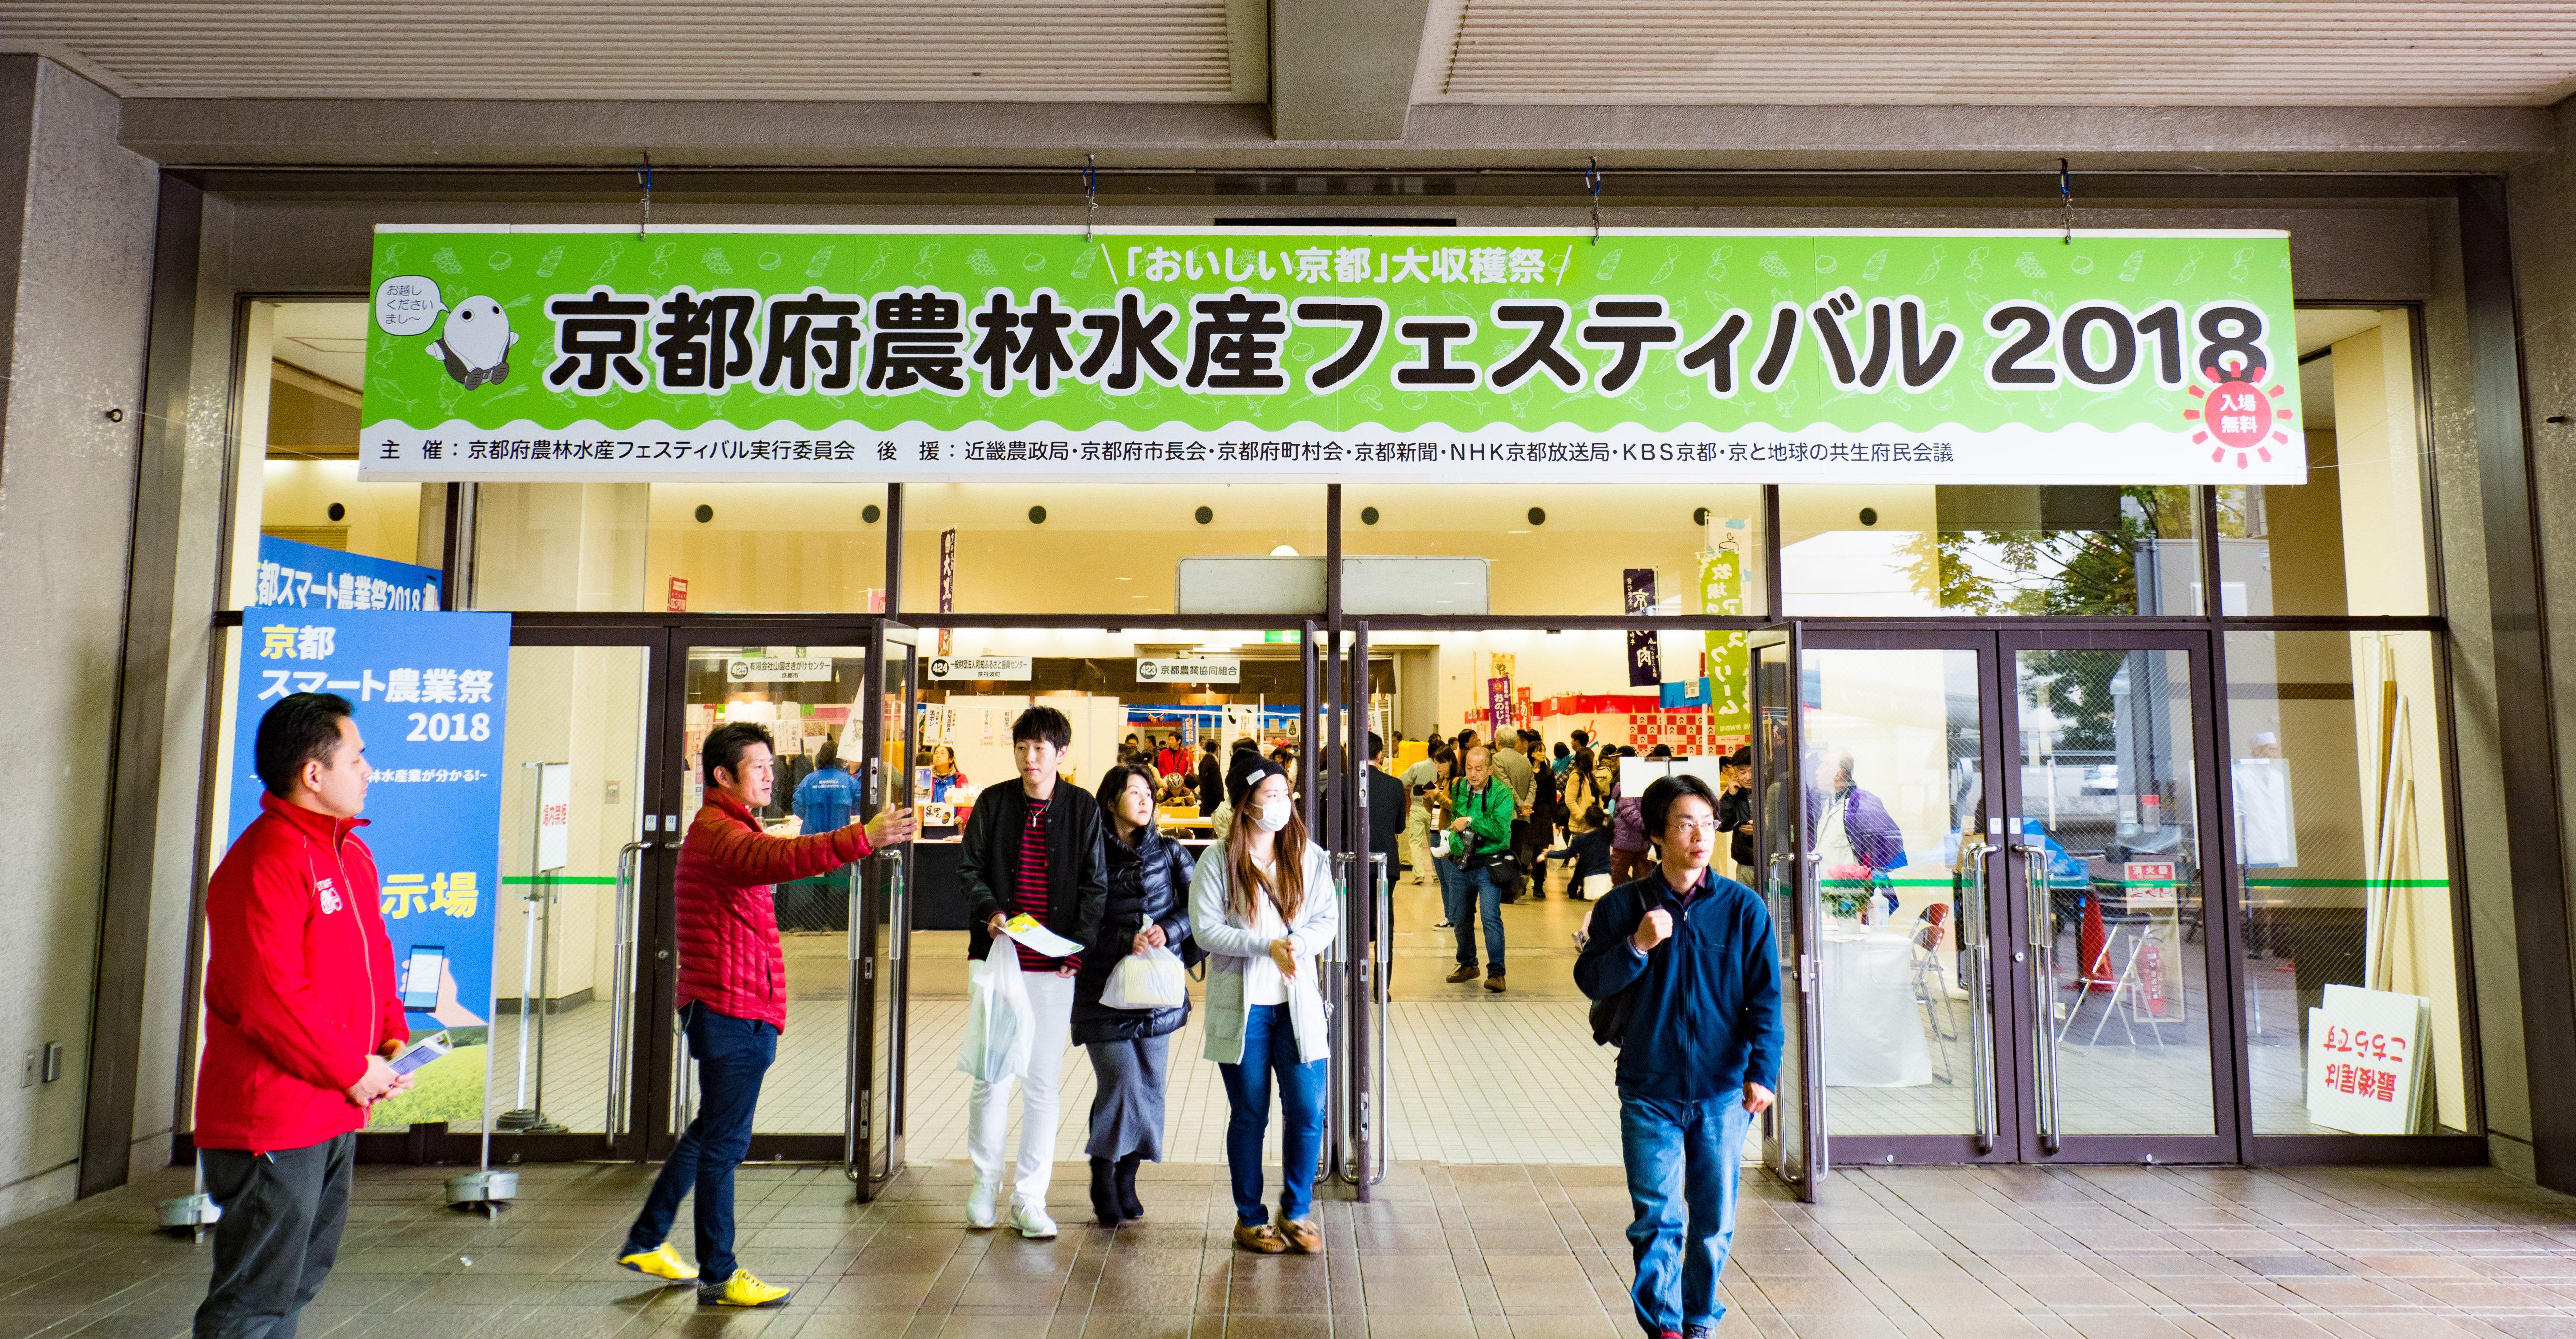 「京都府農林水産フェスティバル2018」が開催されました。